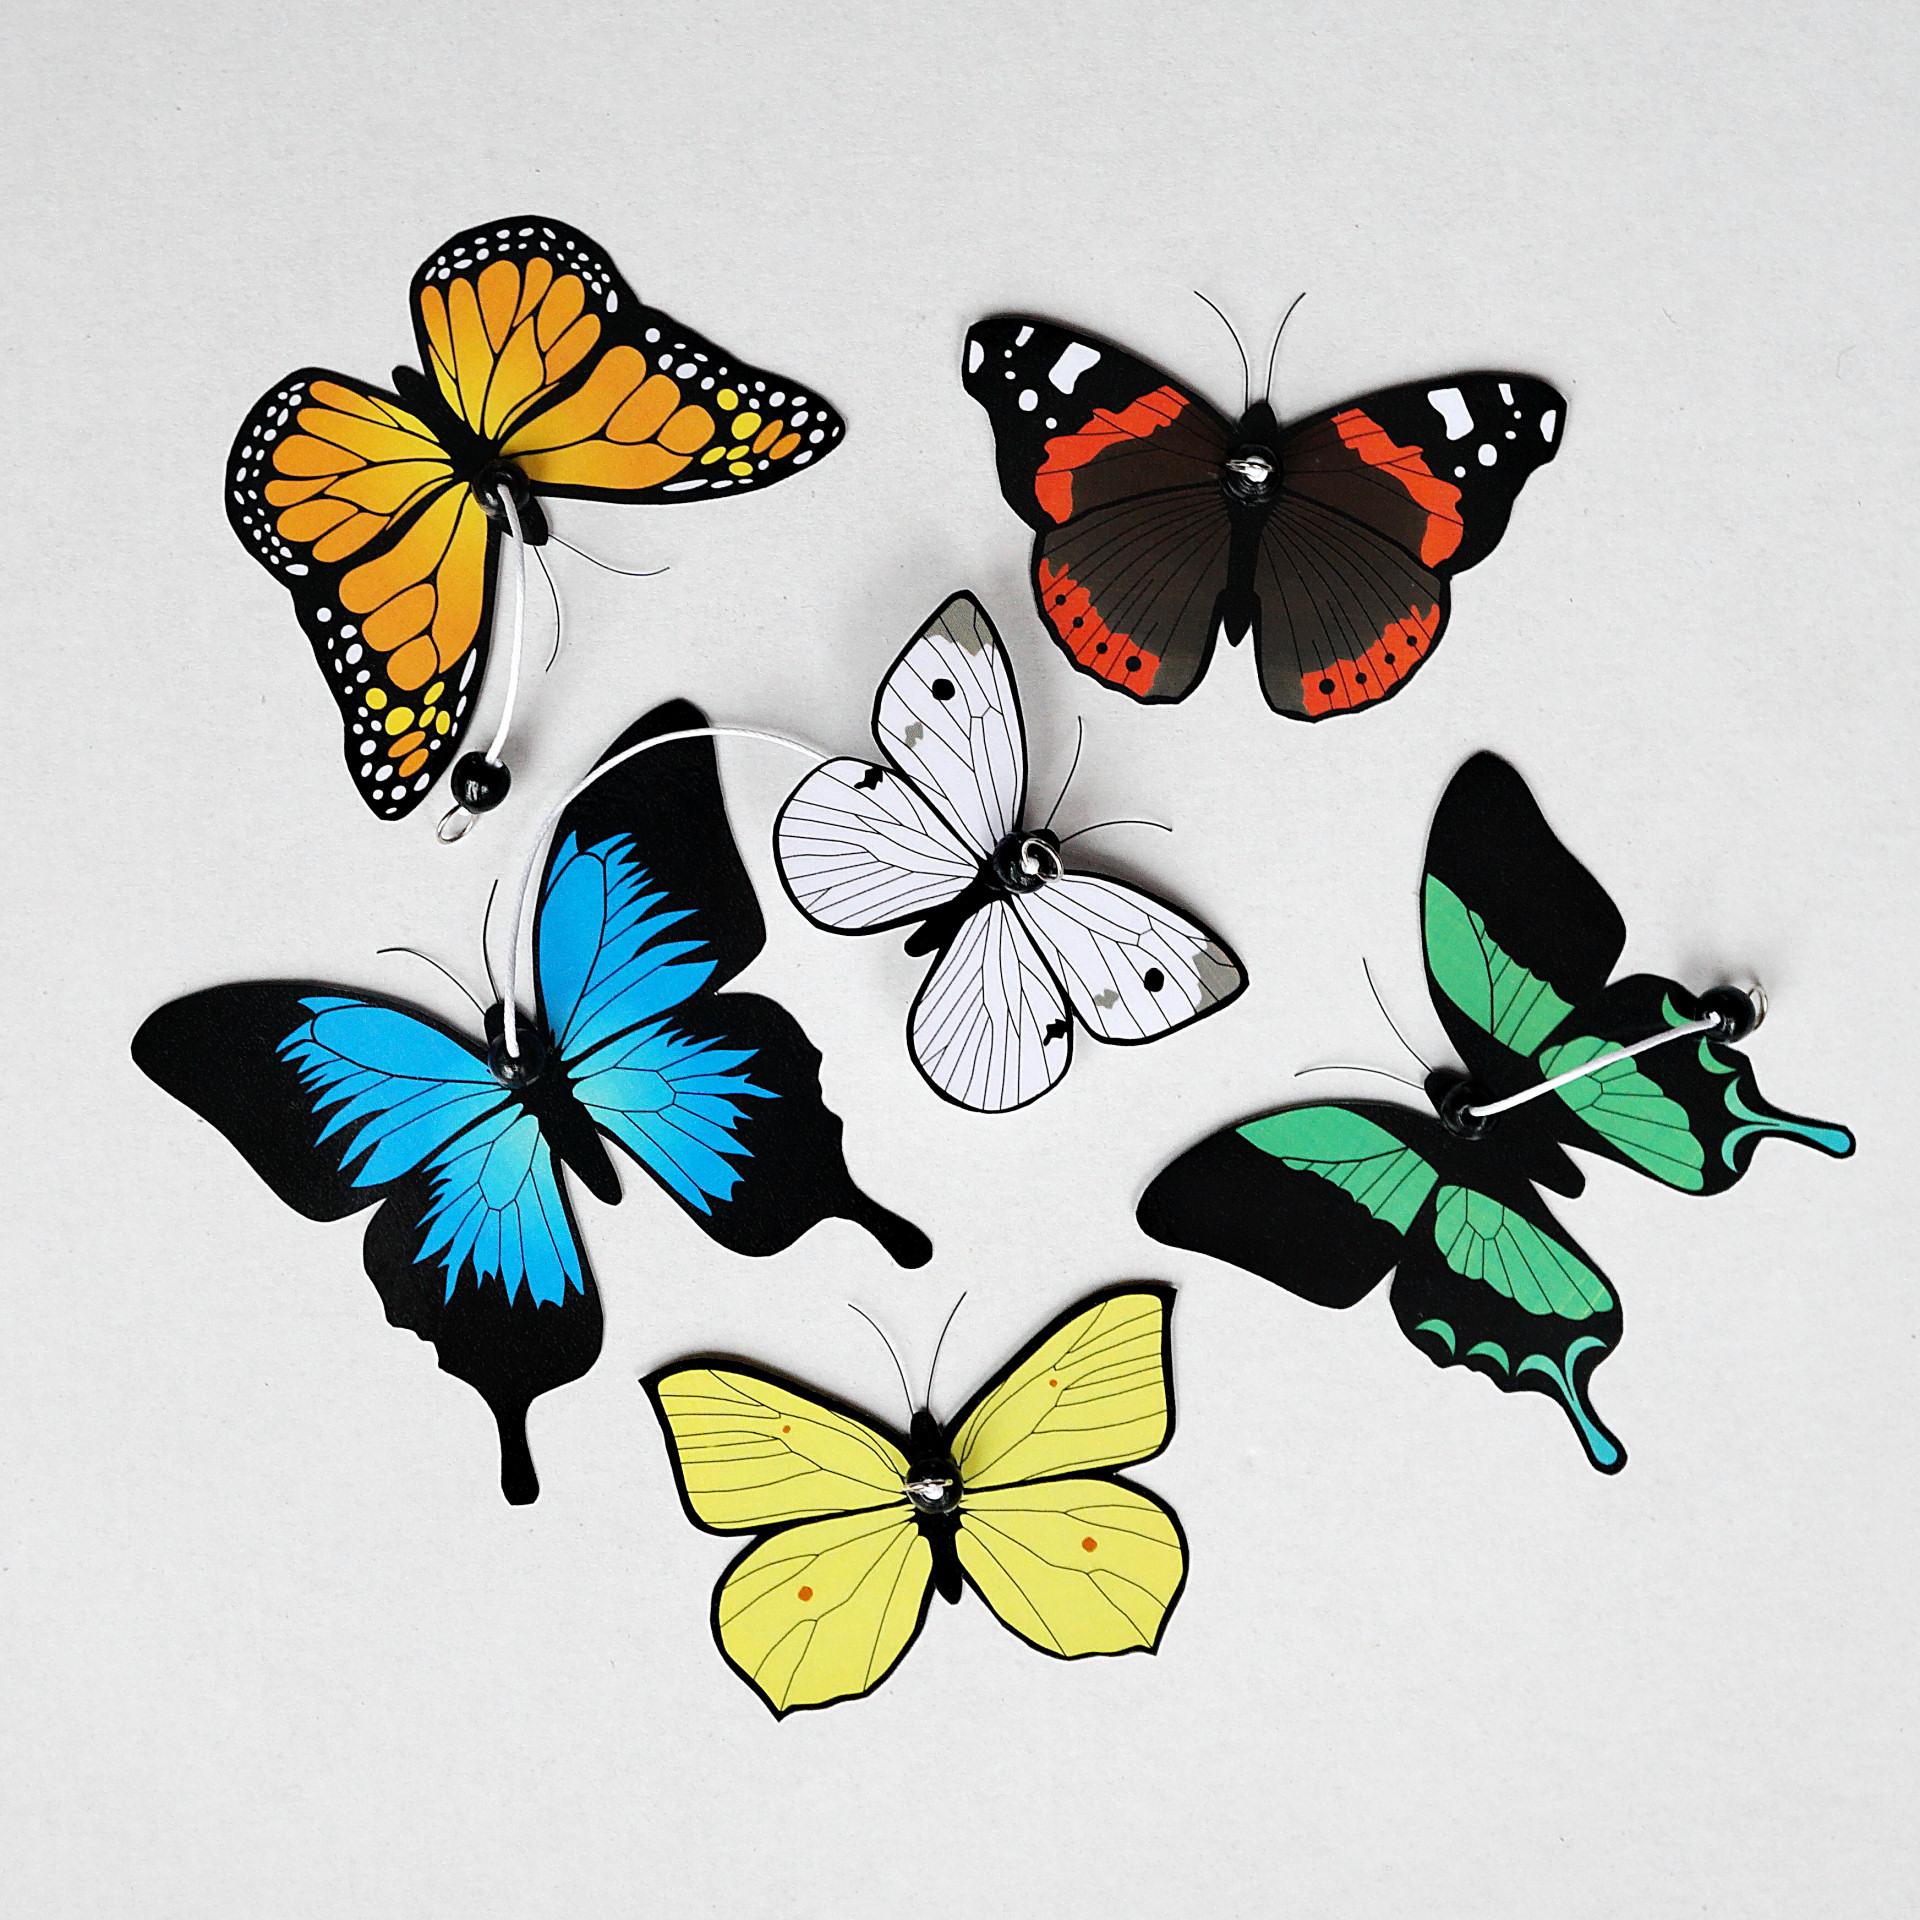 Zawieszki Motyle do karuzeli wymiennej - Little DOT